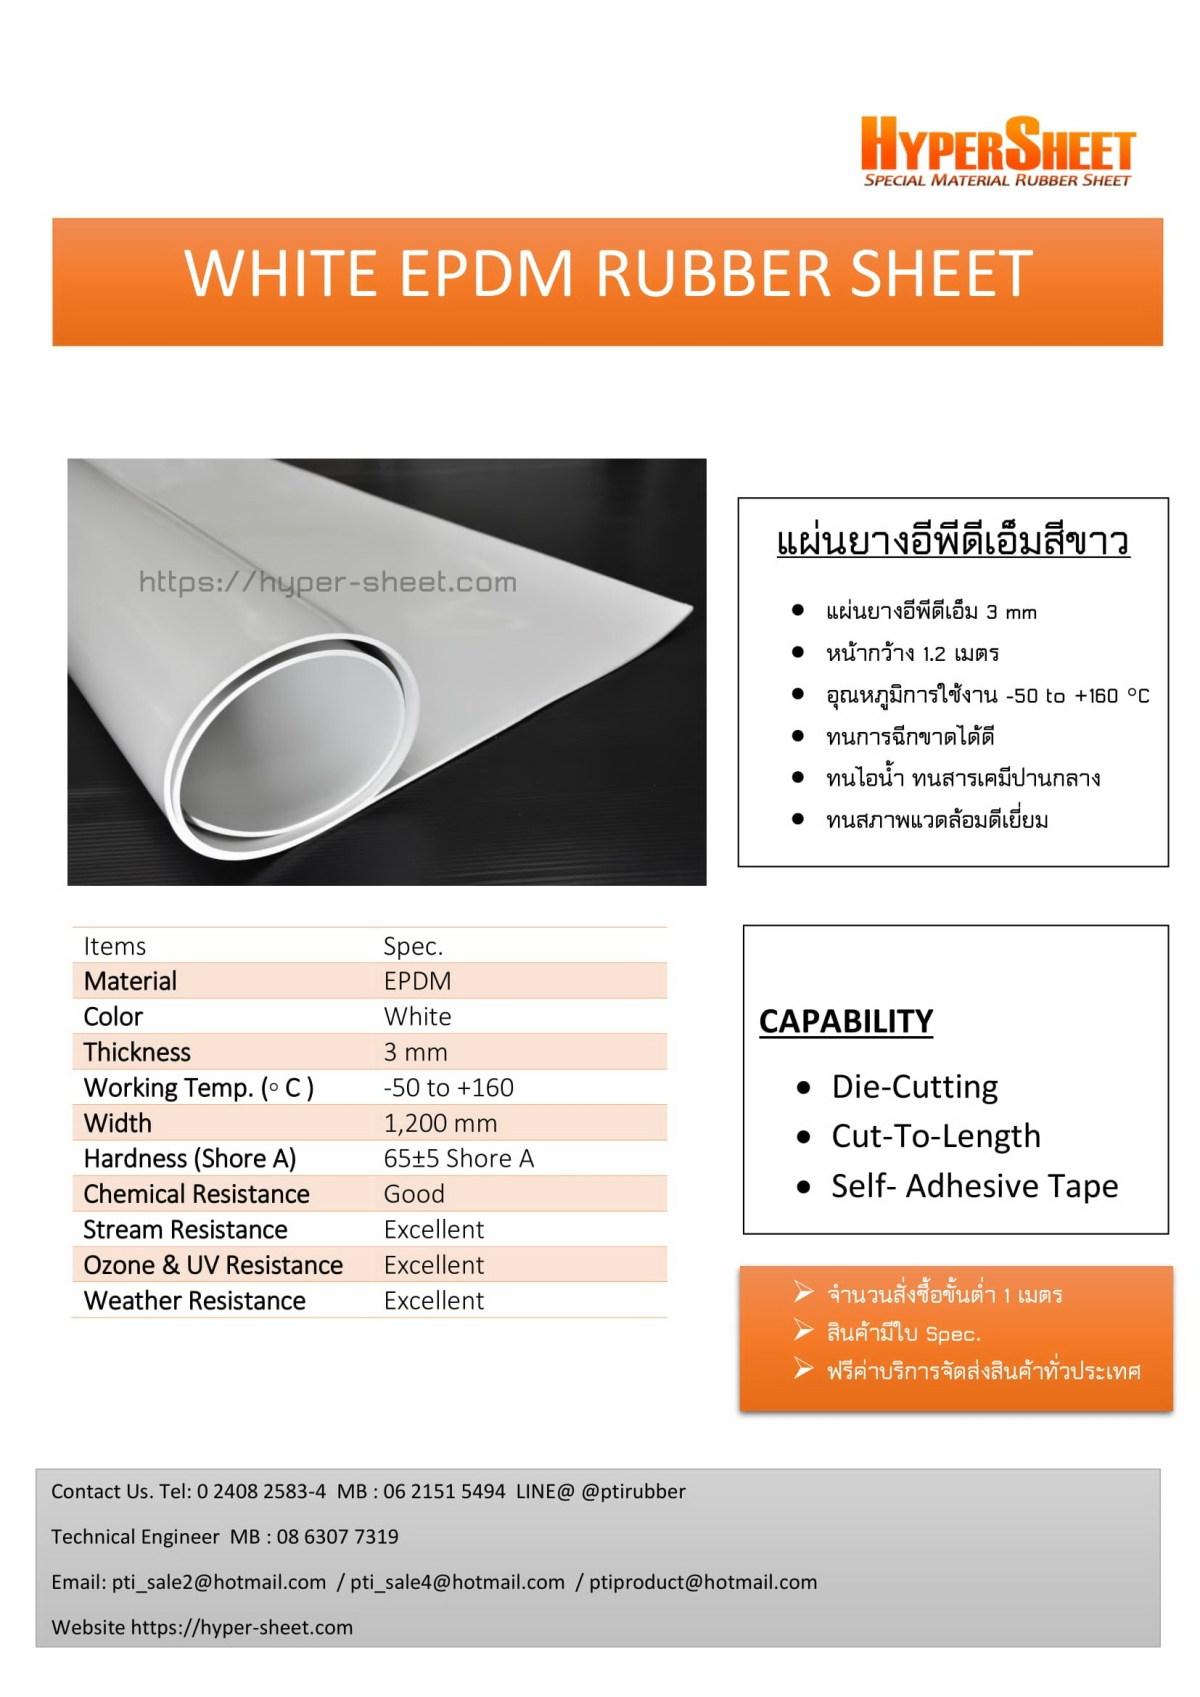 แผ่นยางEPDM สีขาว 3 mm หน้ากว้าง 1.2 เมตร-1.jpg